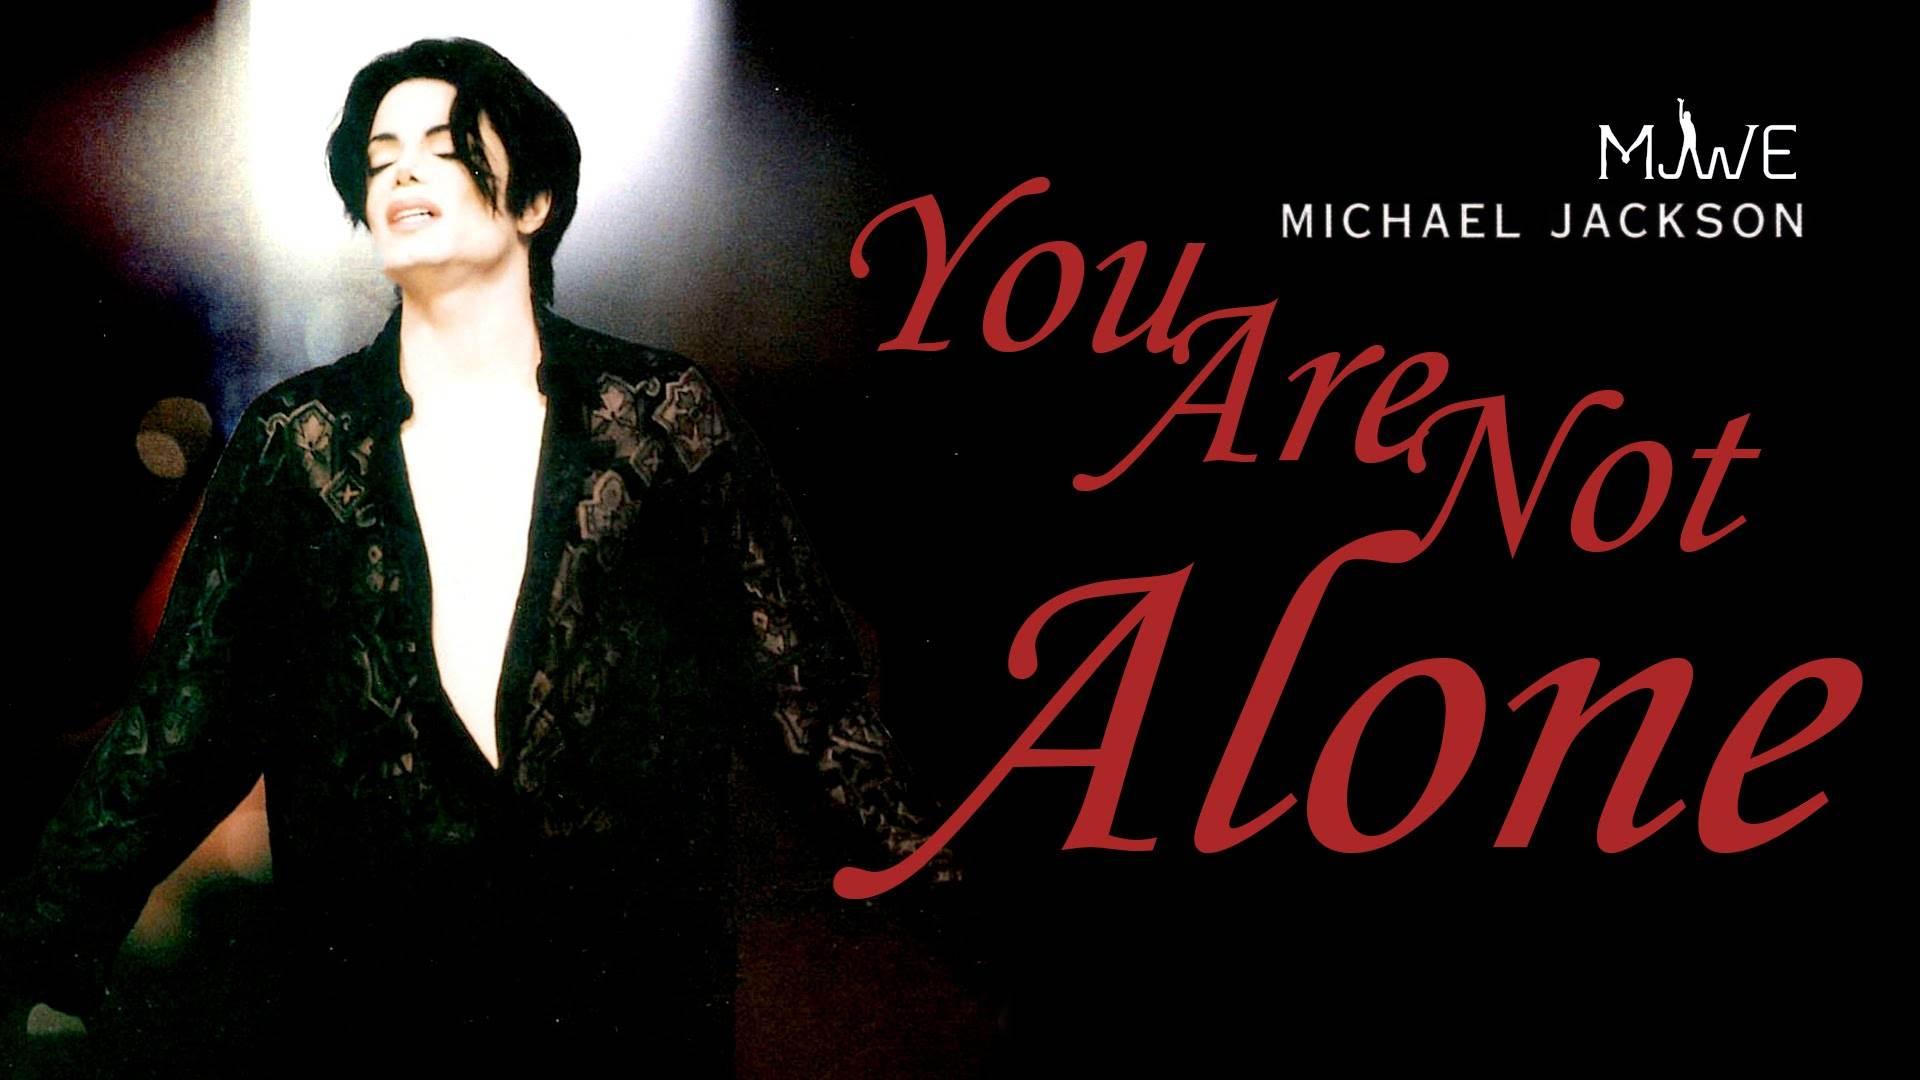 经典歌曲《You Are Not Alone》《你并不孤单》中英文对照歌词